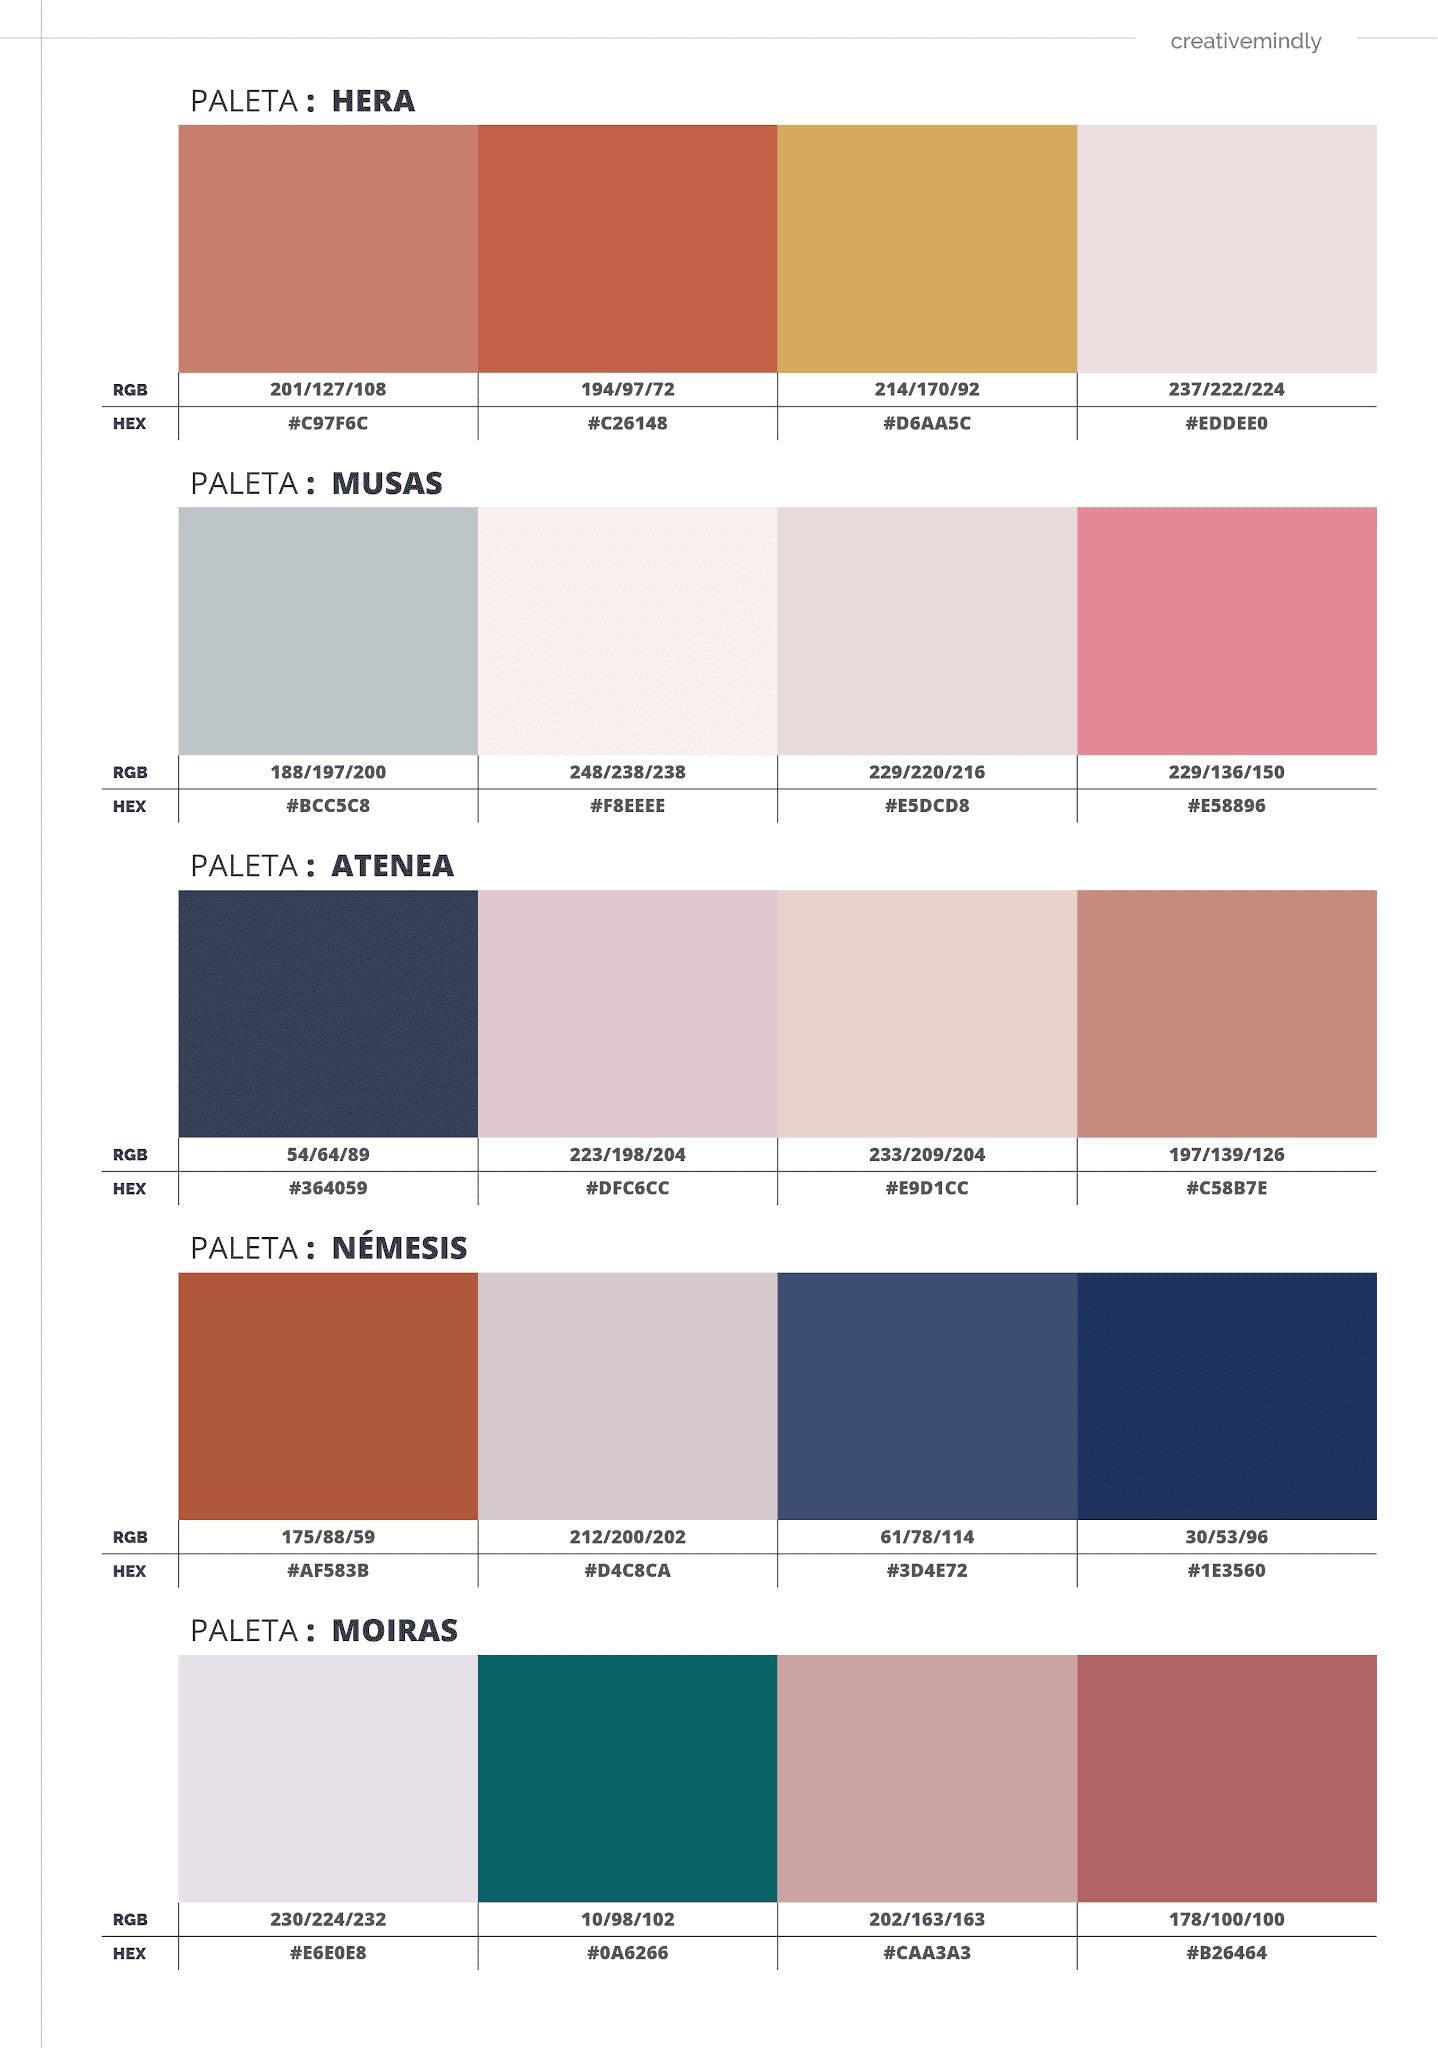 paletas de colores bonitas